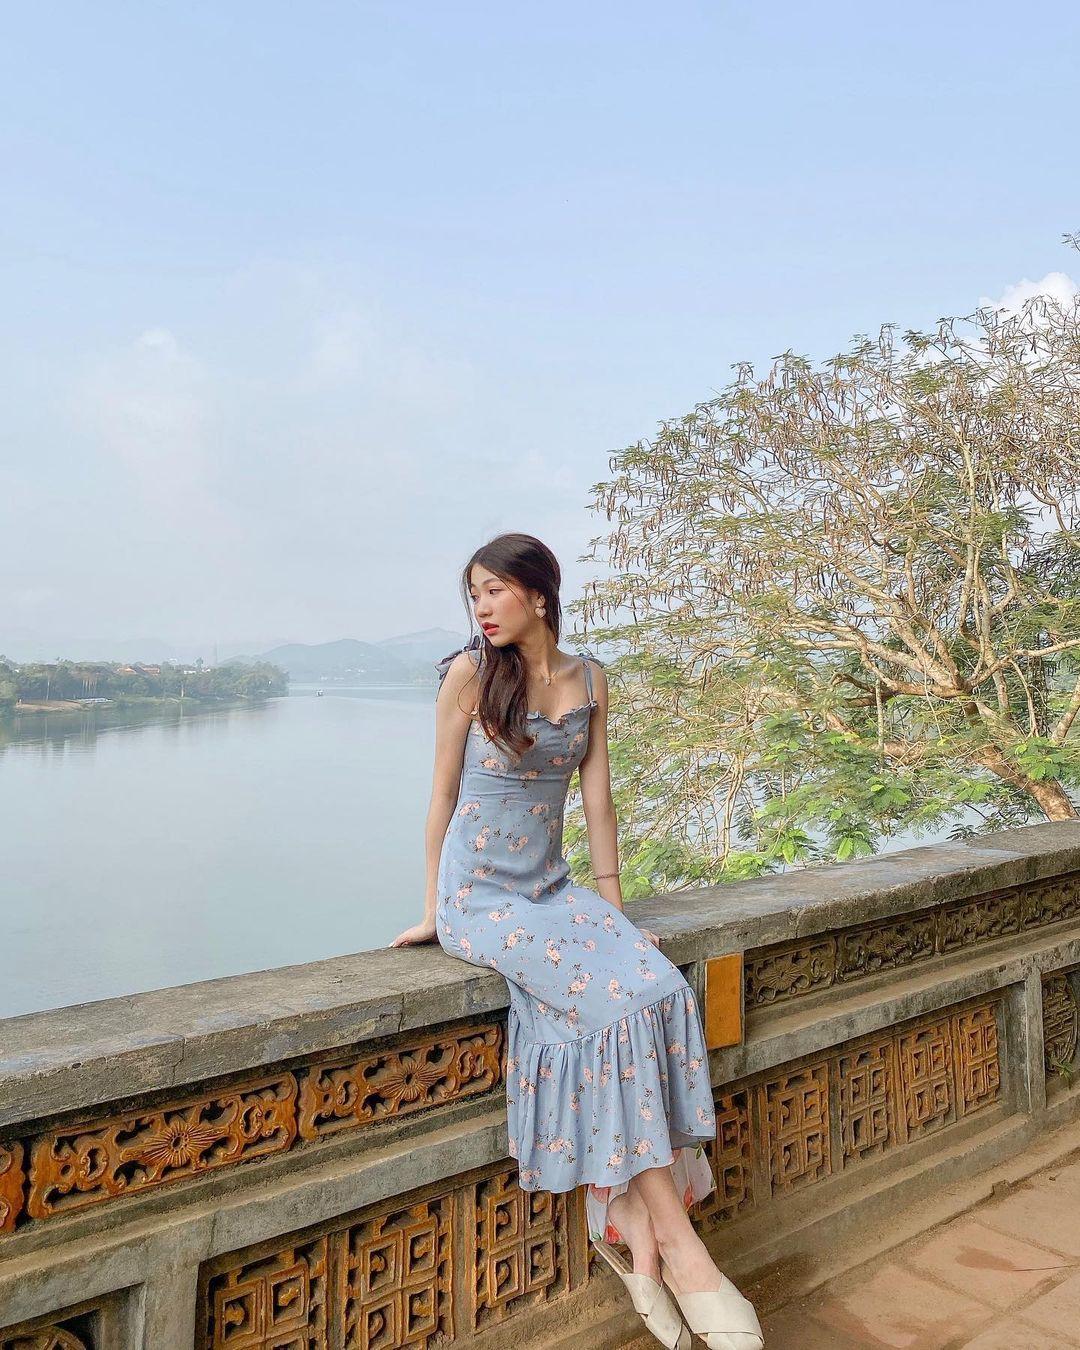 Từ chùa Thiên Mụ, có thể ngắm nhìn cả một khoảng sông Hương bên dưới. Hình: @karisthaaa